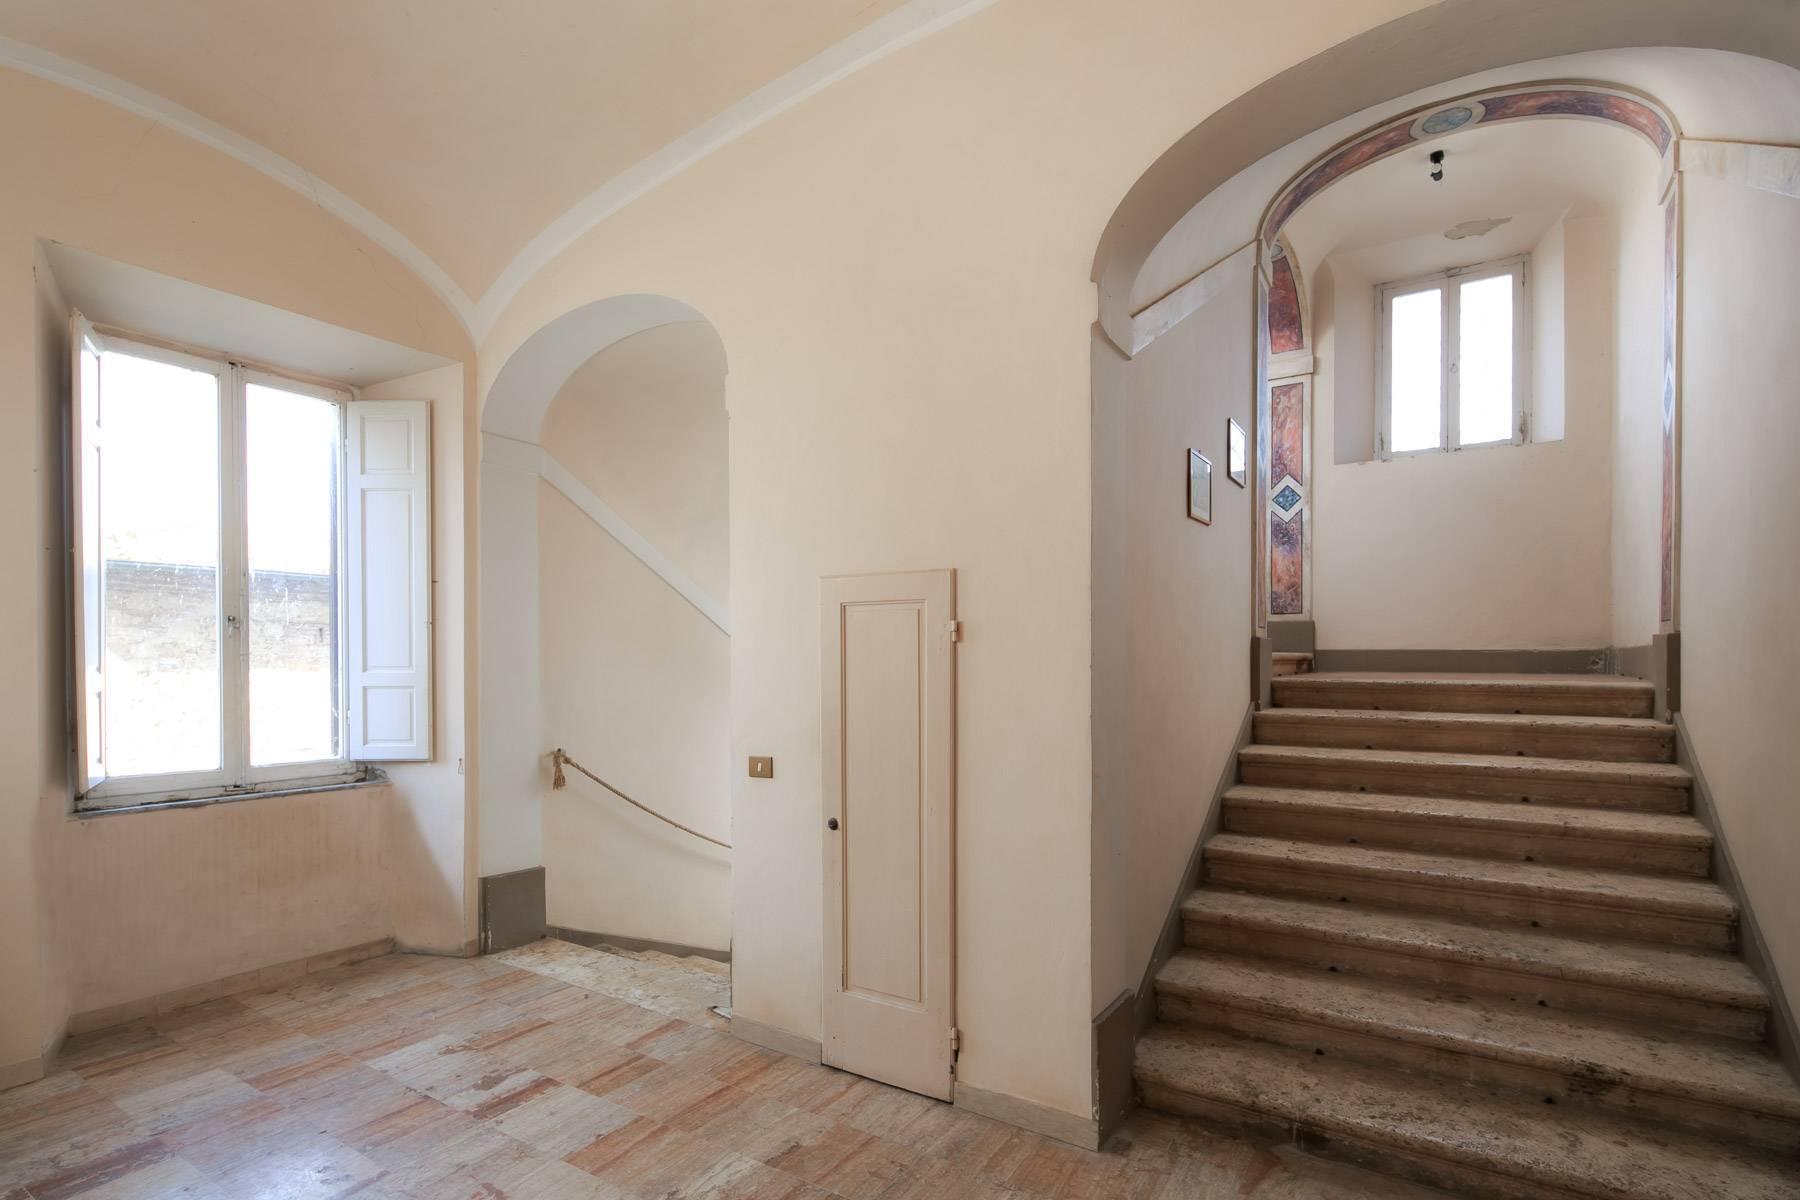 Prächtige historische Villa mit neoklassizistischer Kapelle und Park - 18